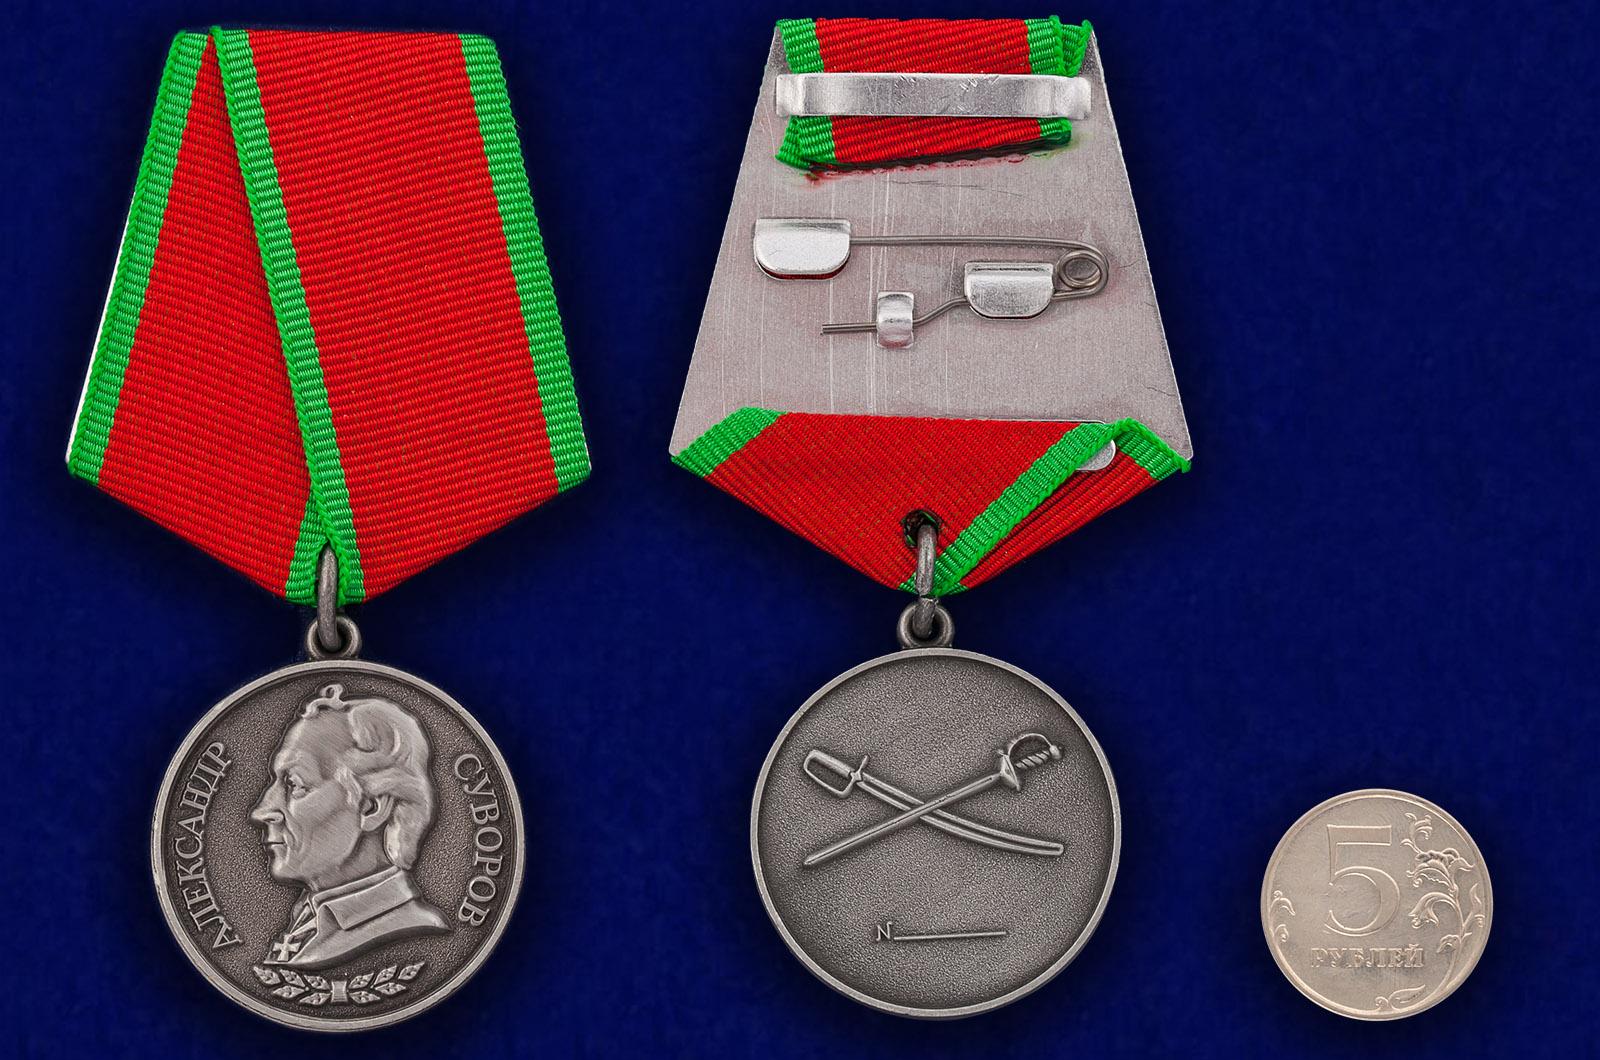 Заказать медаль Суворова